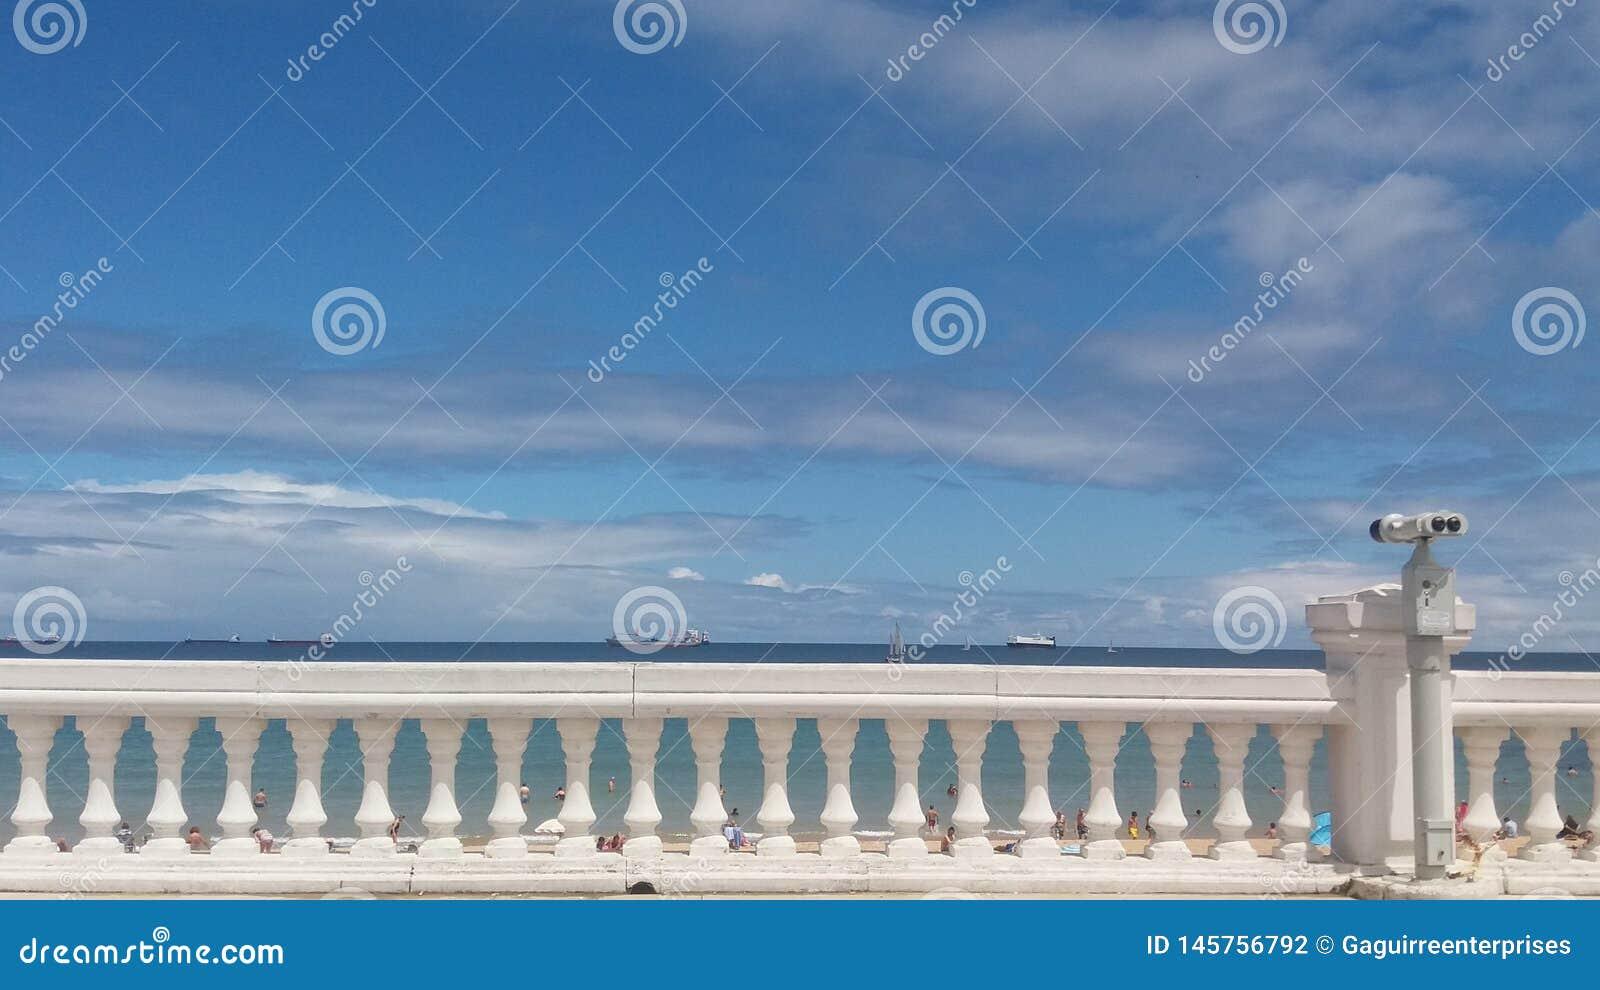 Παρατήρηση του ορίζοντα μεταξύ της θάλασσας και του μπλε ουρανού